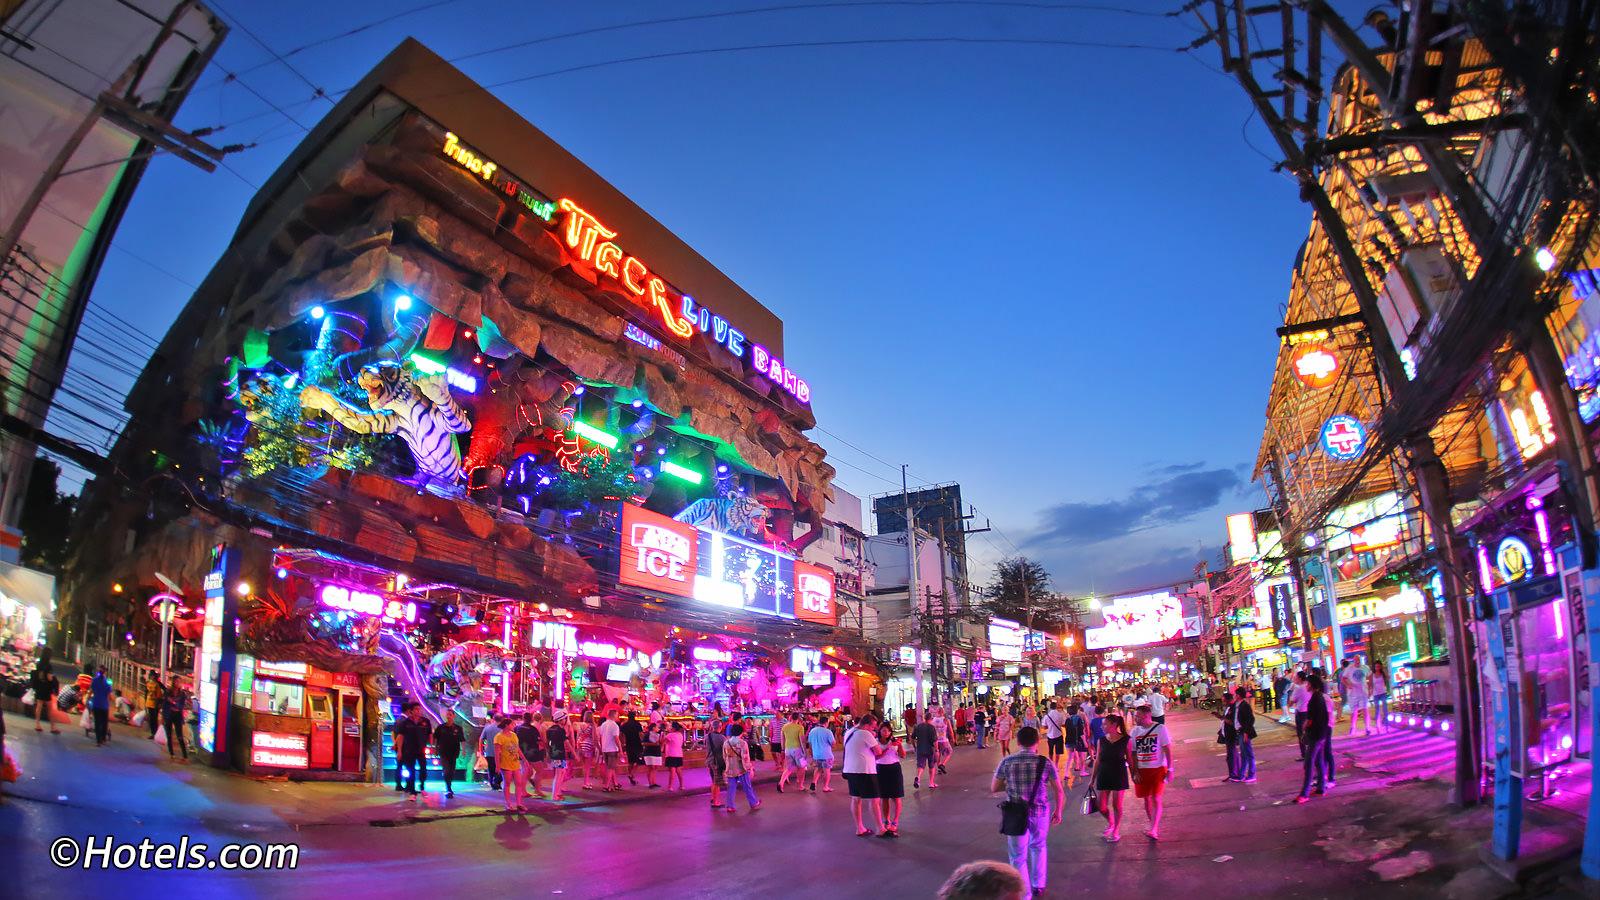 Enjoying Phuket Nightlife: Phuket Travel & Nightlife Guide